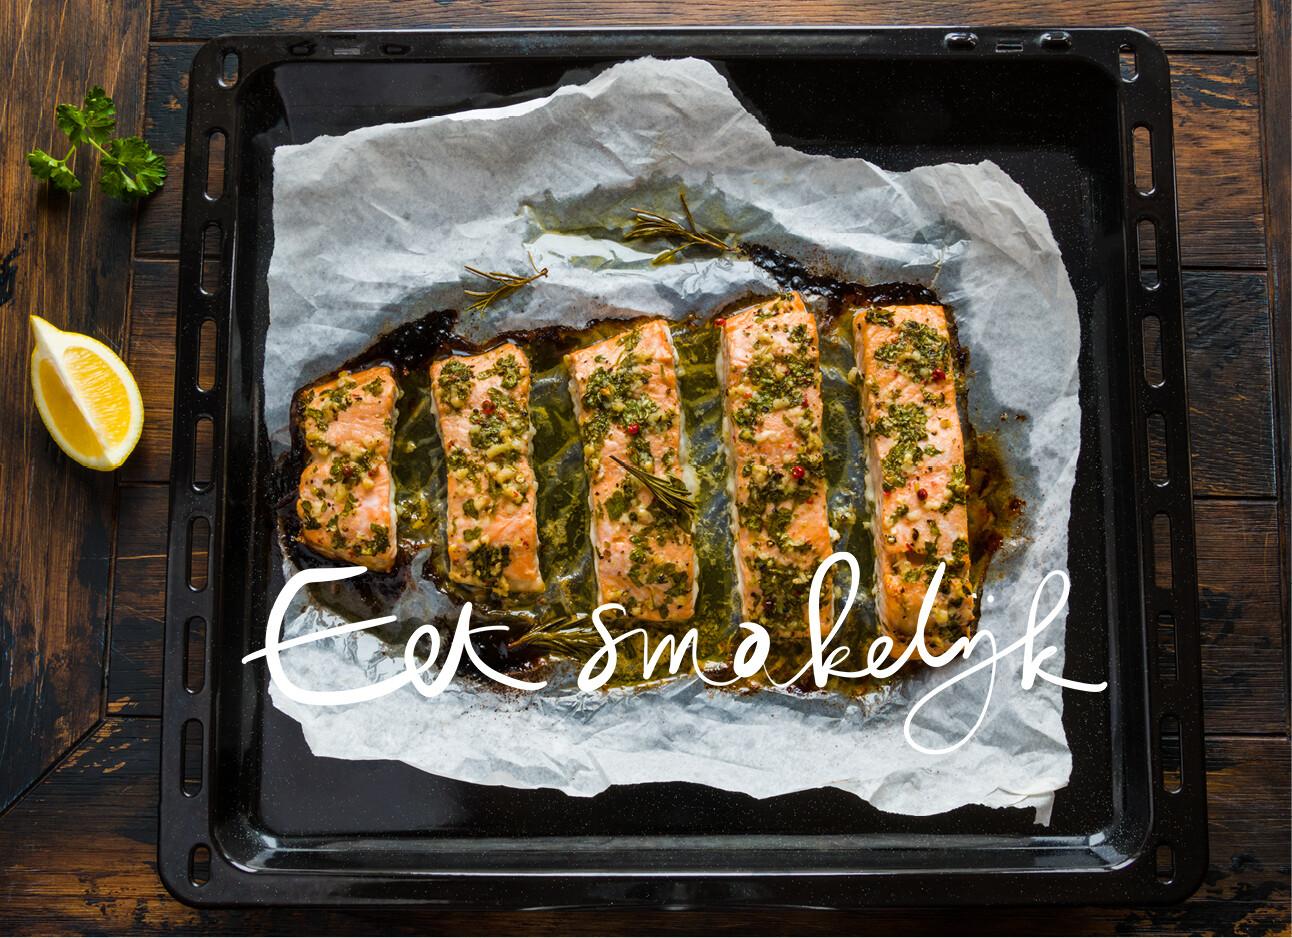 zalm uit de oven met pesto